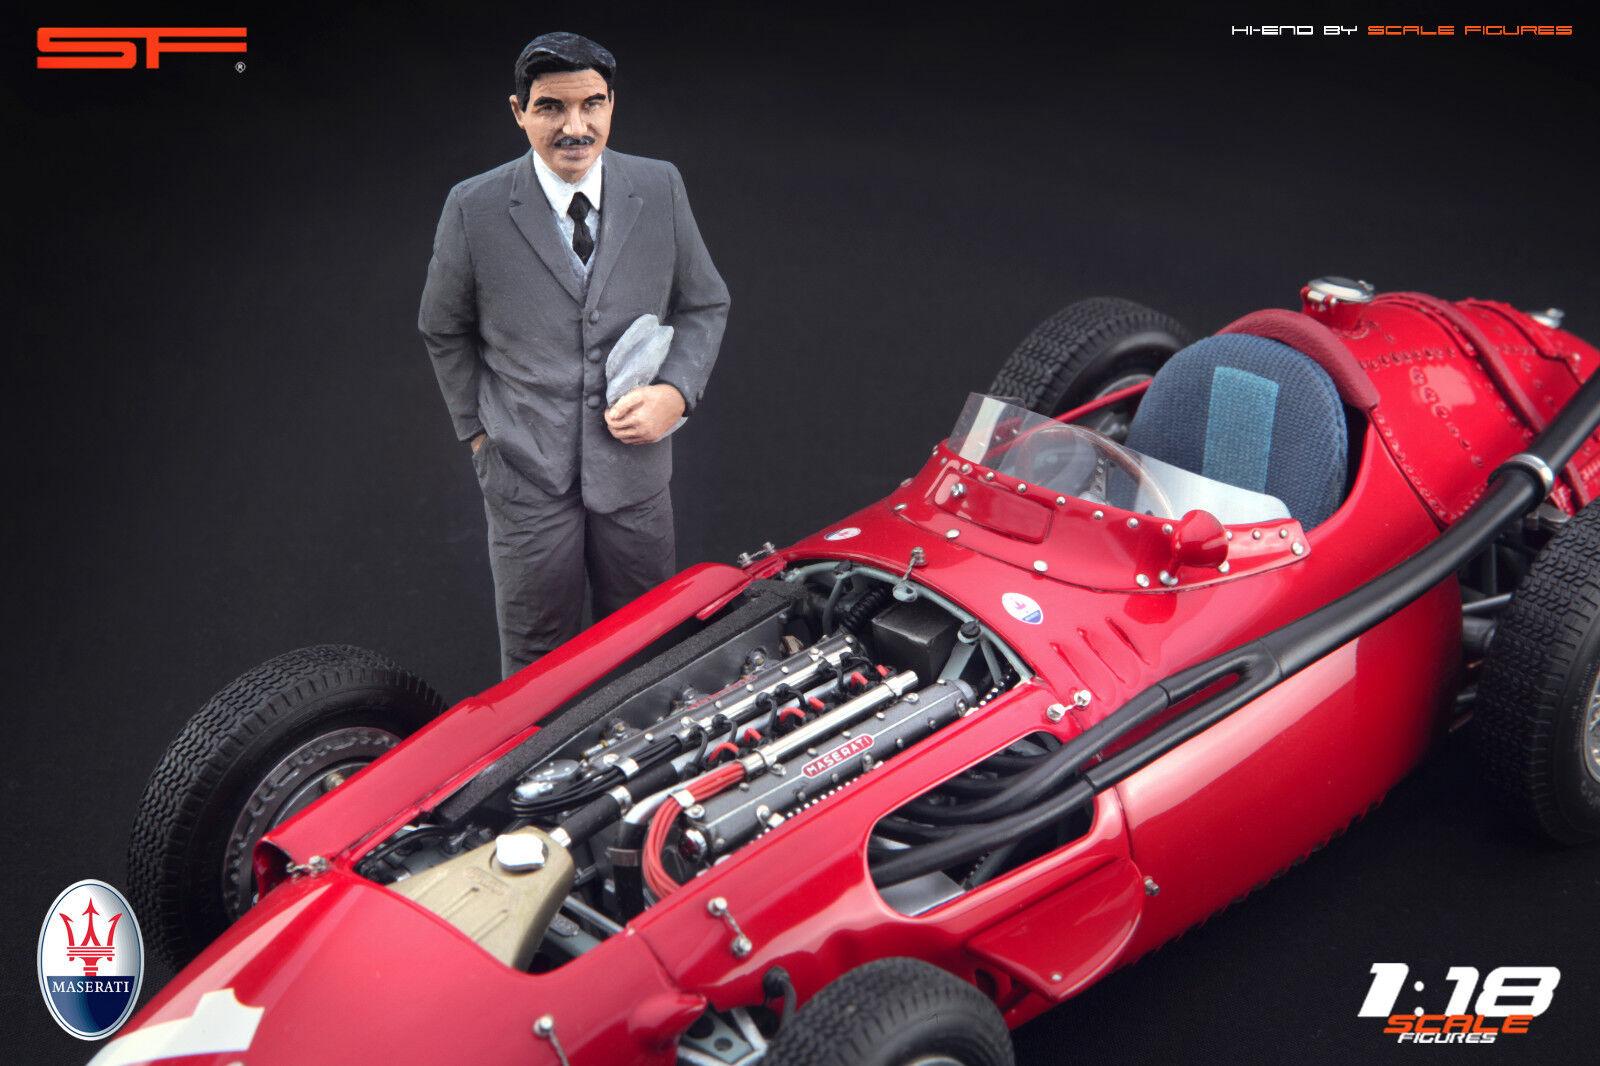 1:18 Alfieri Maserati figurine VERY VERY VERY RARE painted, NO CAR 7c88fc